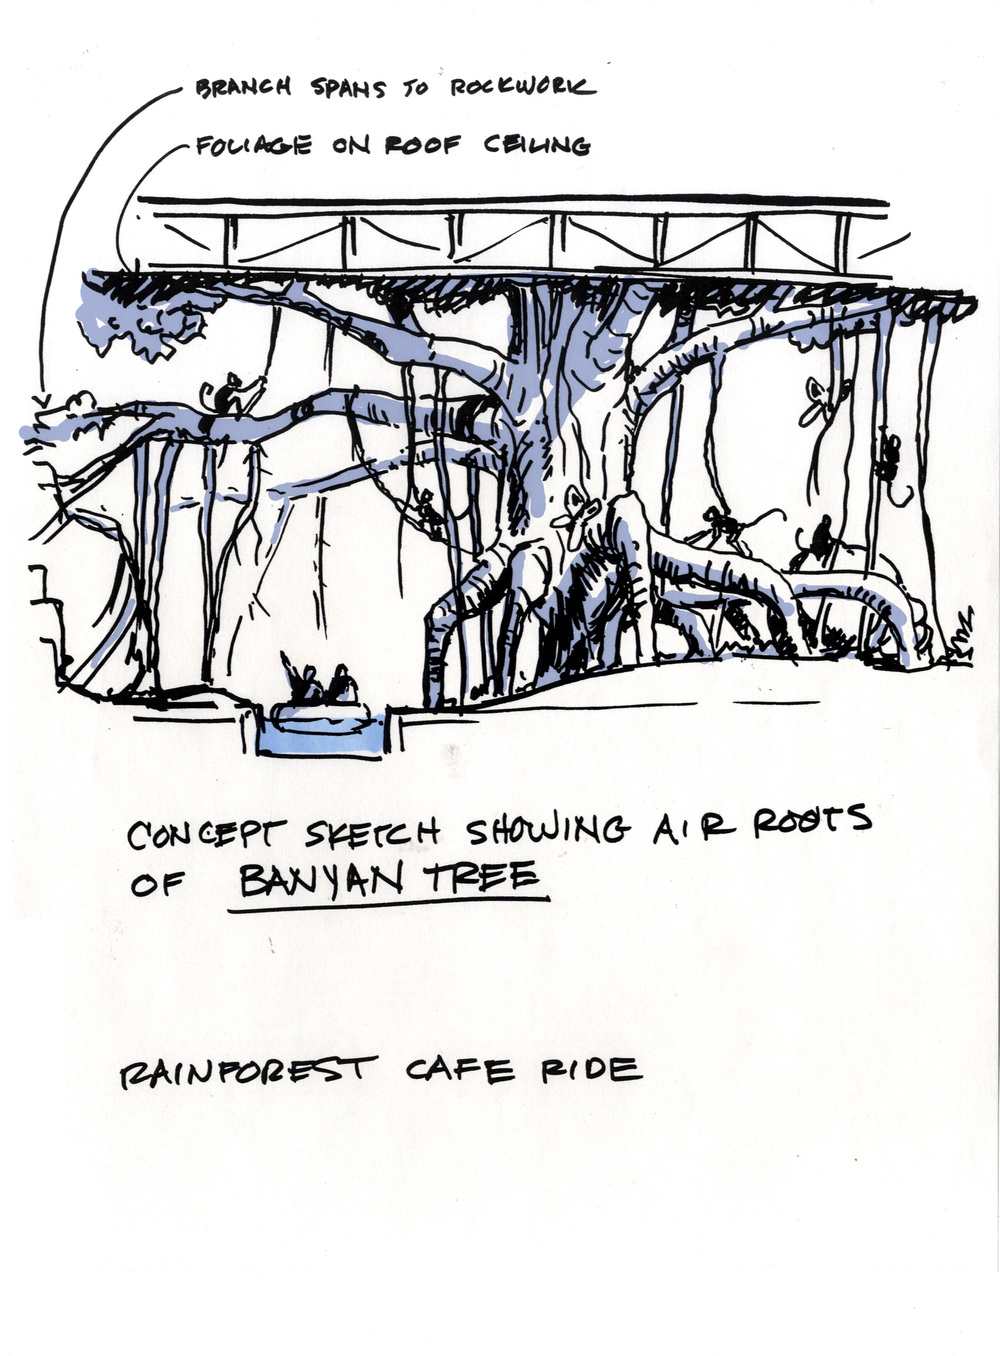 Rain Forest Cafe Dark Ride 7.jpg